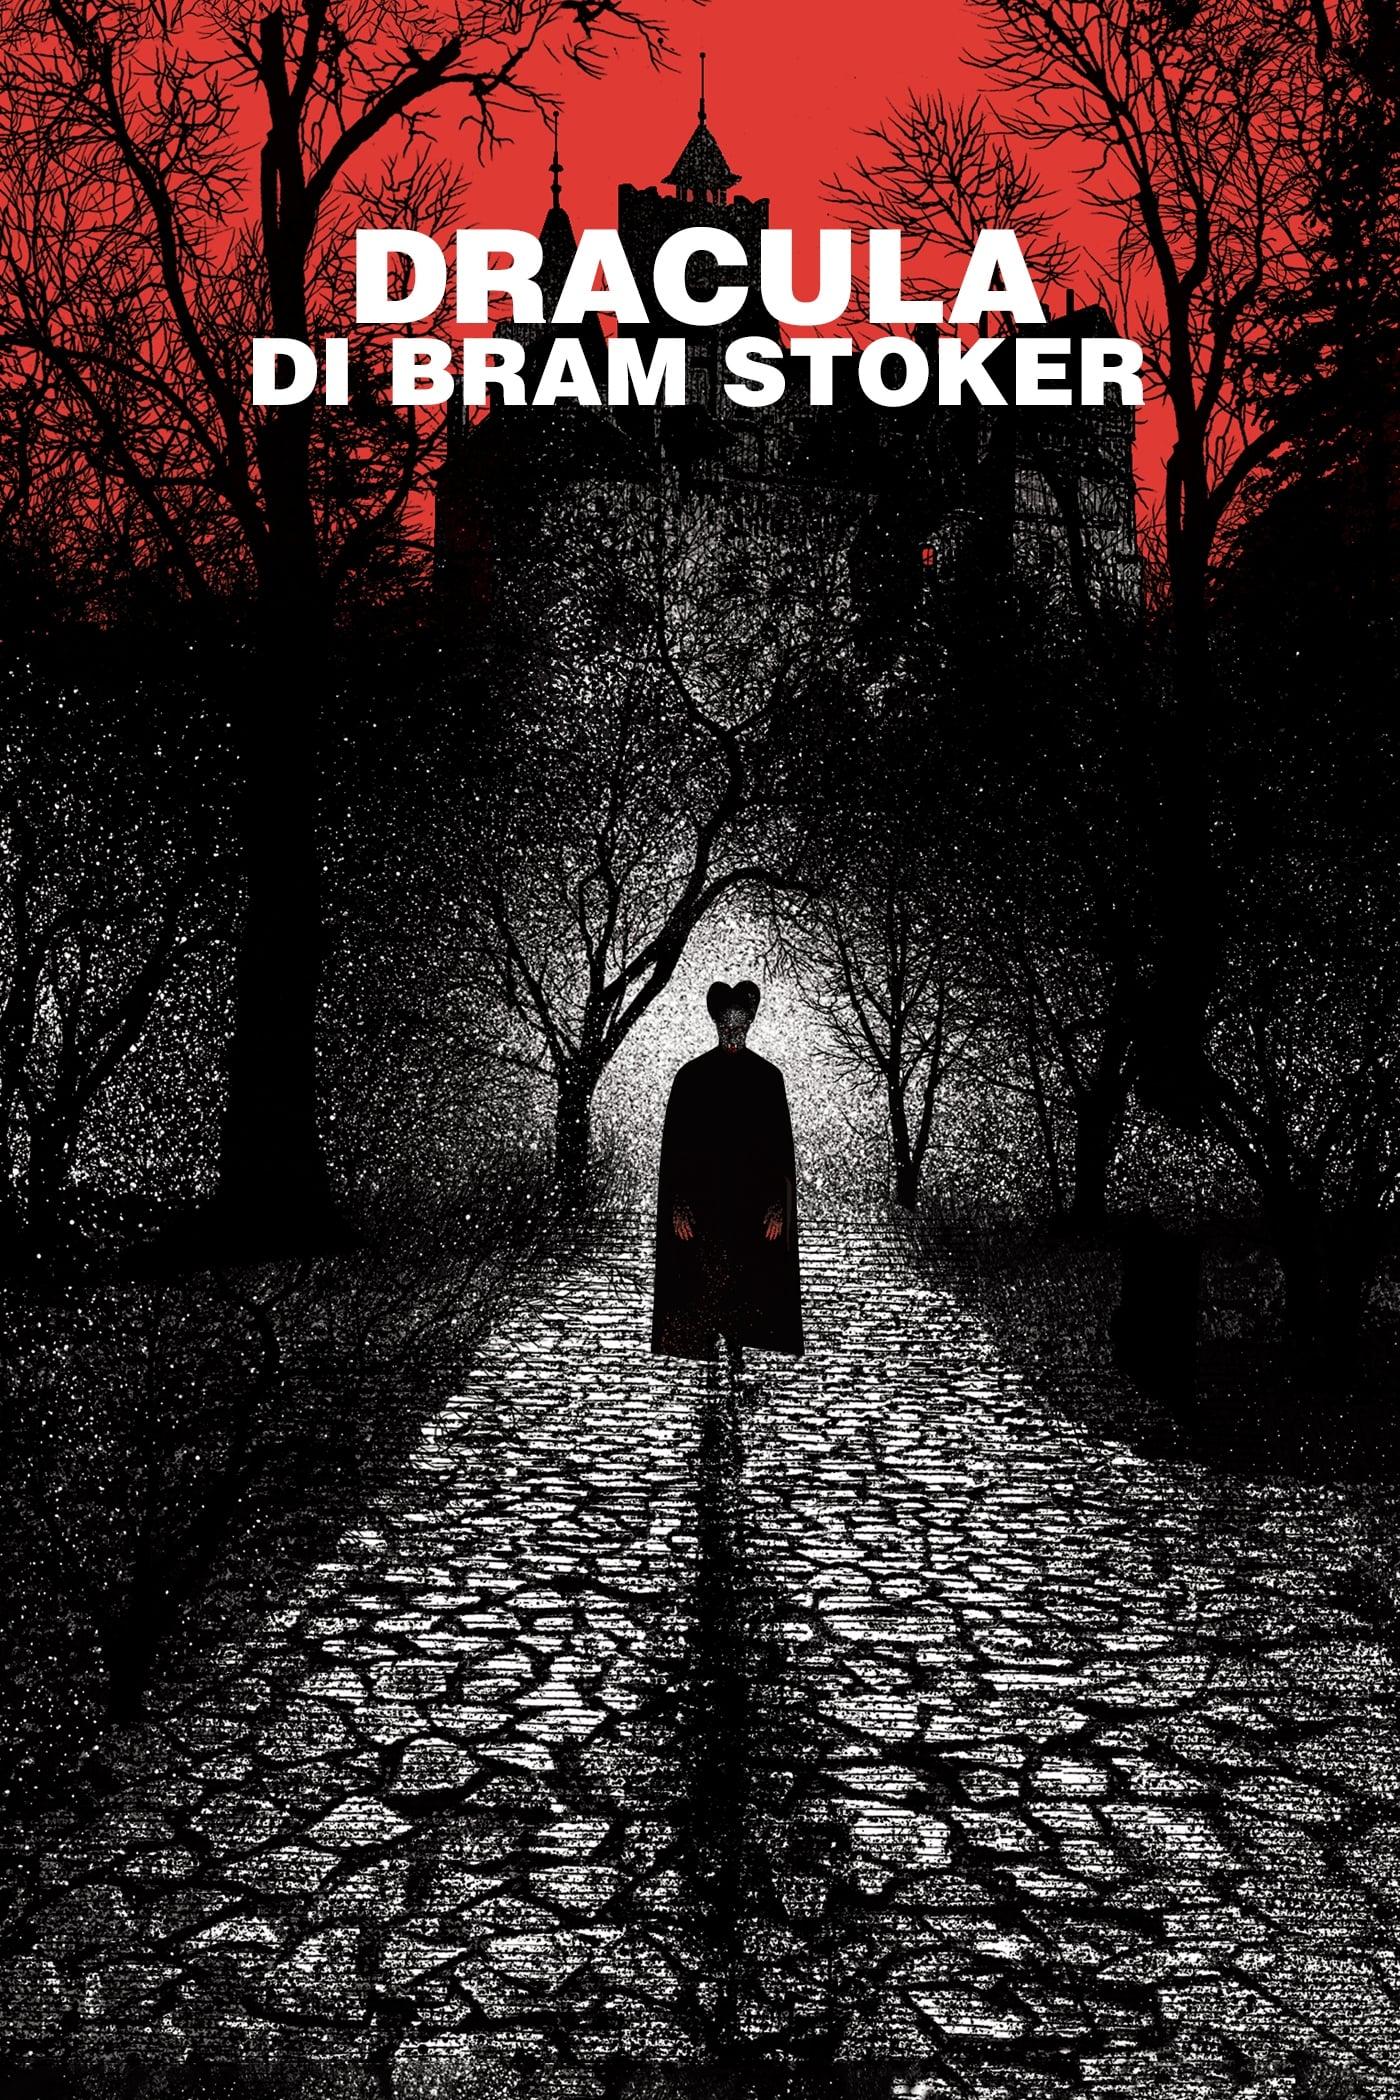 Dracula di Bram Stoker Streaming Film ITA